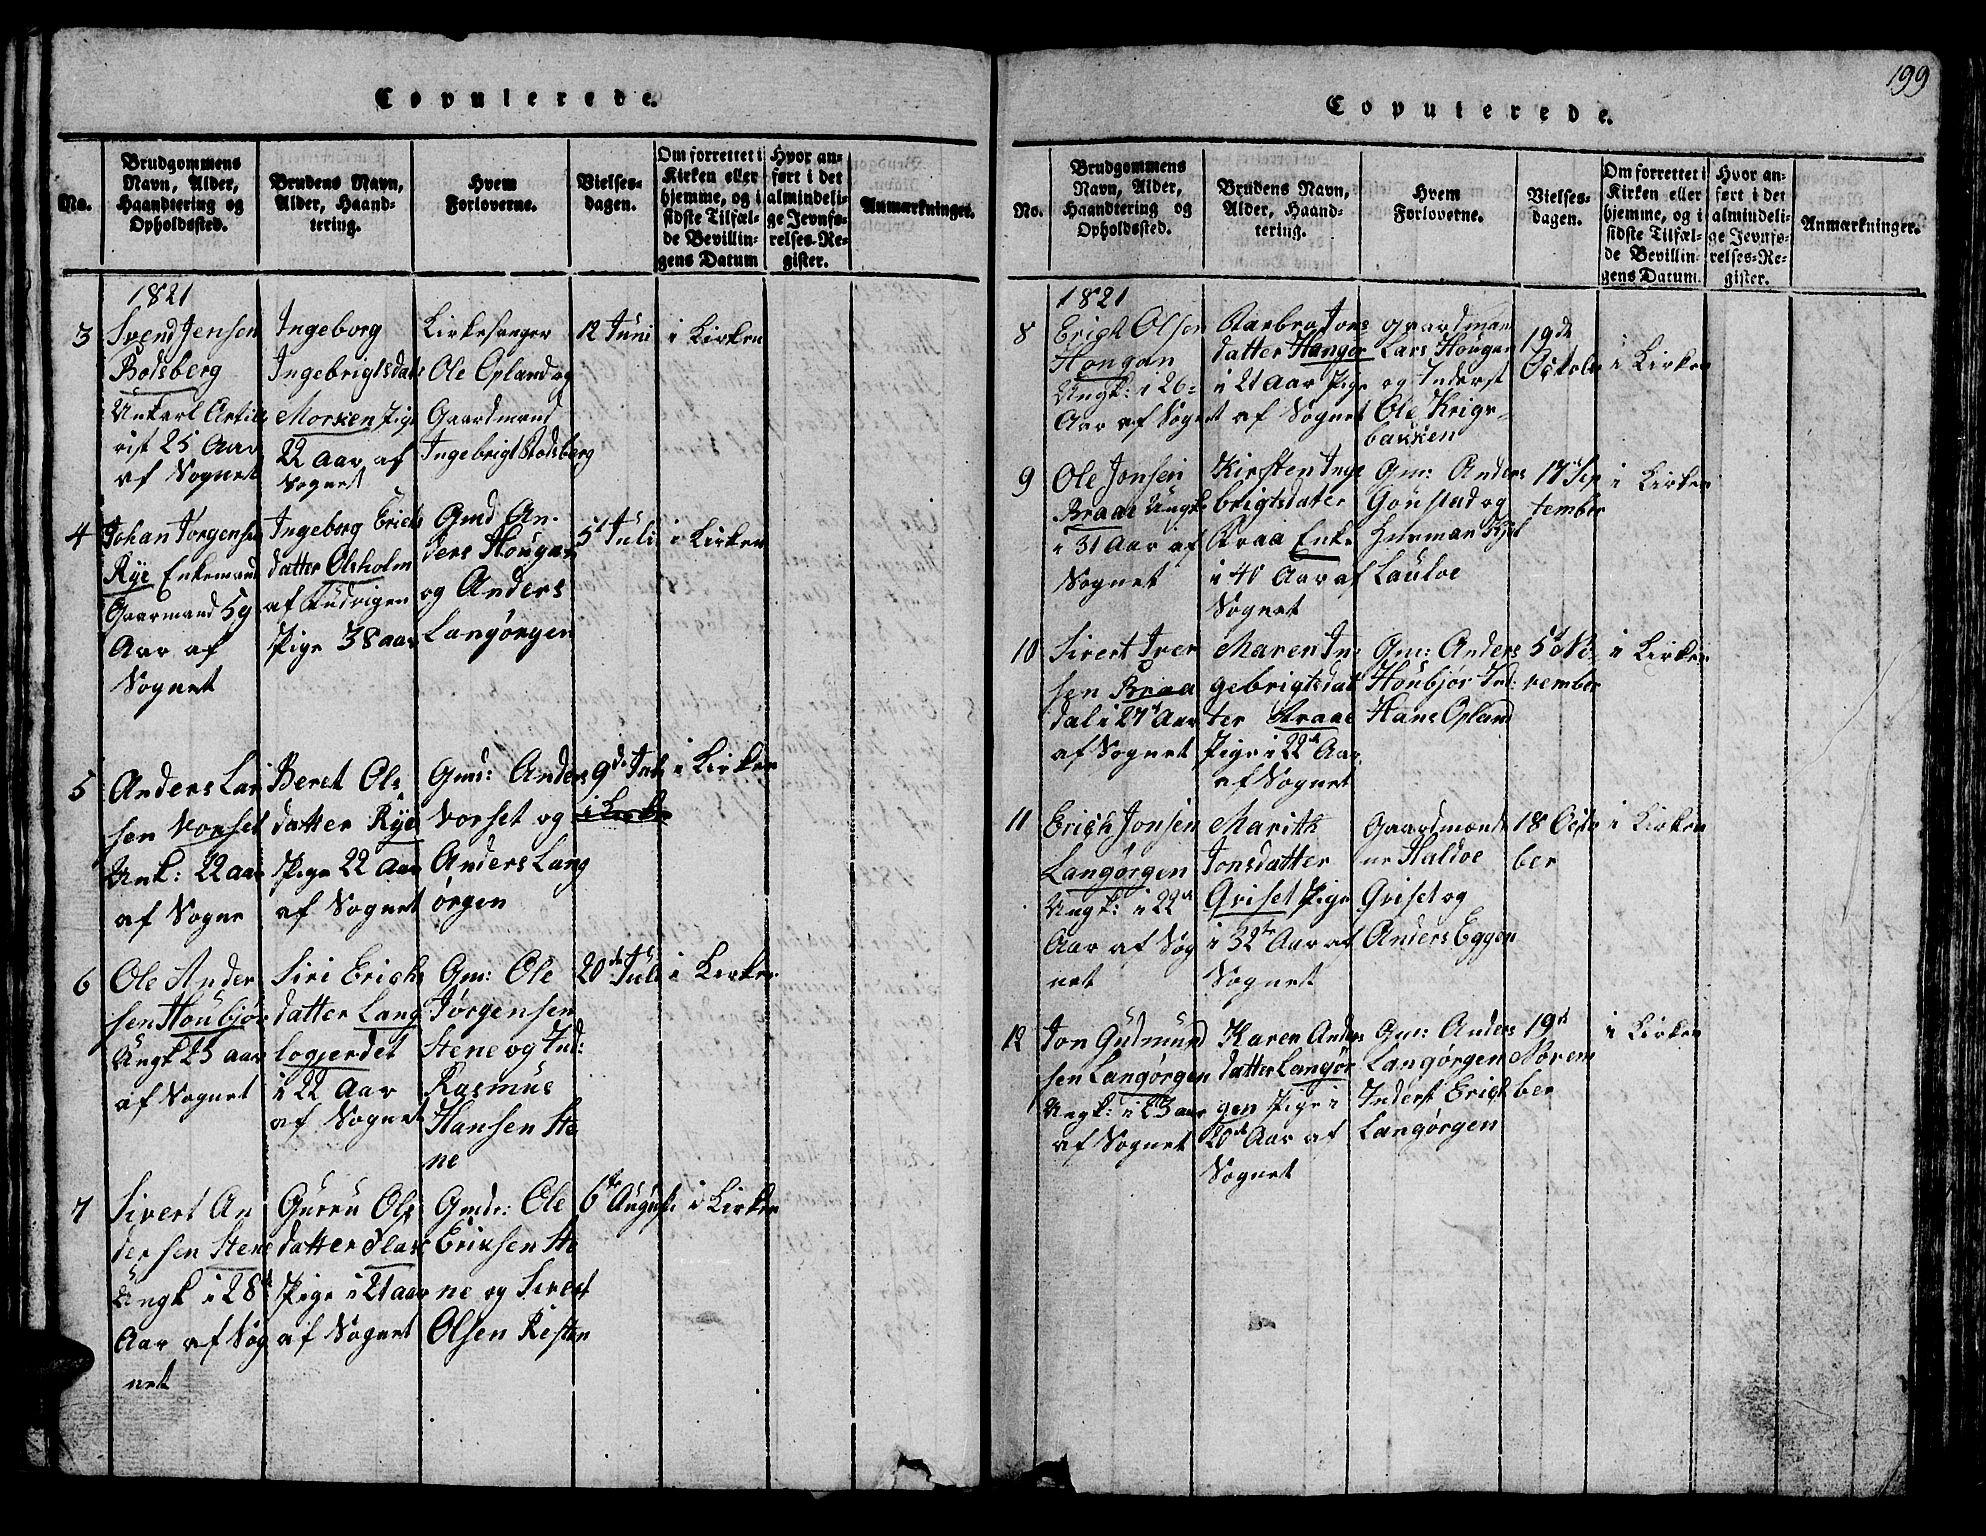 SAT, Ministerialprotokoller, klokkerbøker og fødselsregistre - Sør-Trøndelag, 612/L0385: Klokkerbok nr. 612C01, 1816-1845, s. 199